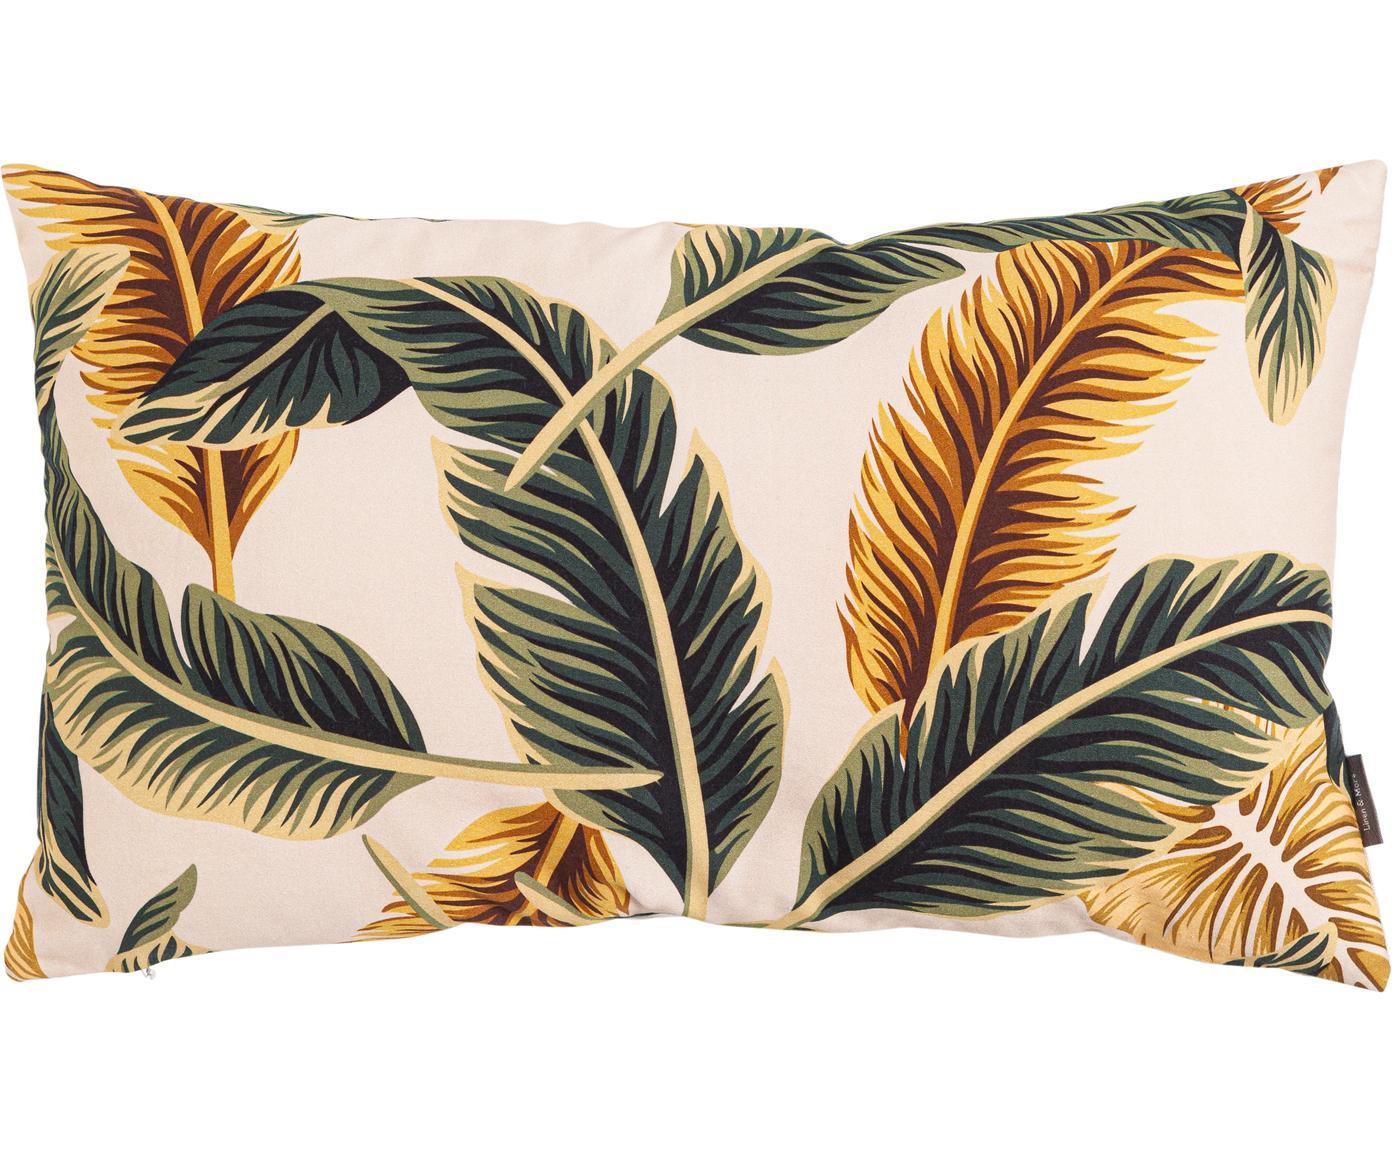 Kussen Elegant Feather, met vulling, Katoen, Beige, groen, goudgeel, 30 x 50 cm